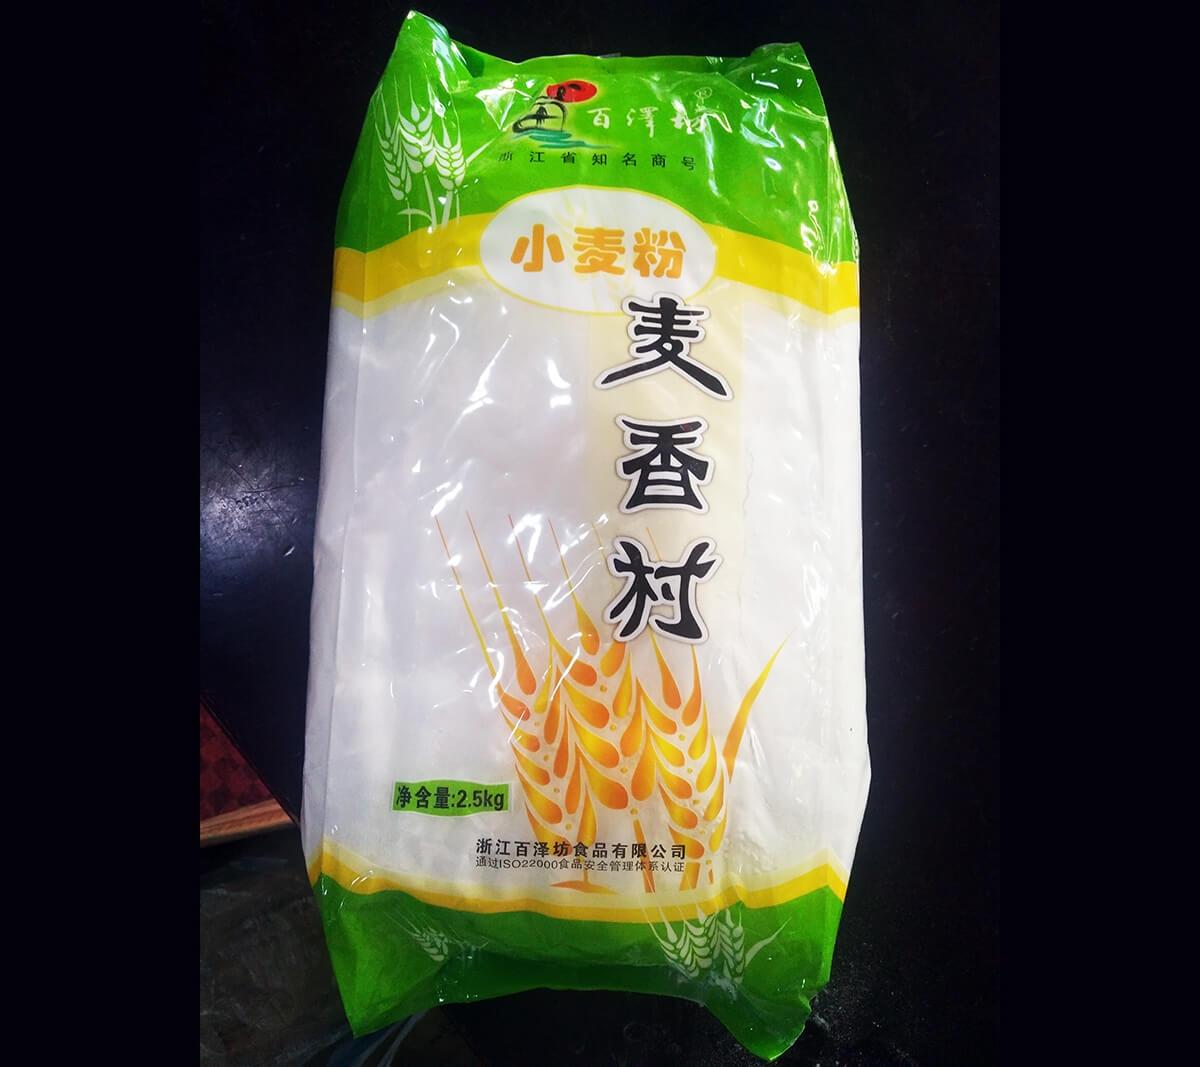 百泽坊麦香村小麦粉 5斤/袋